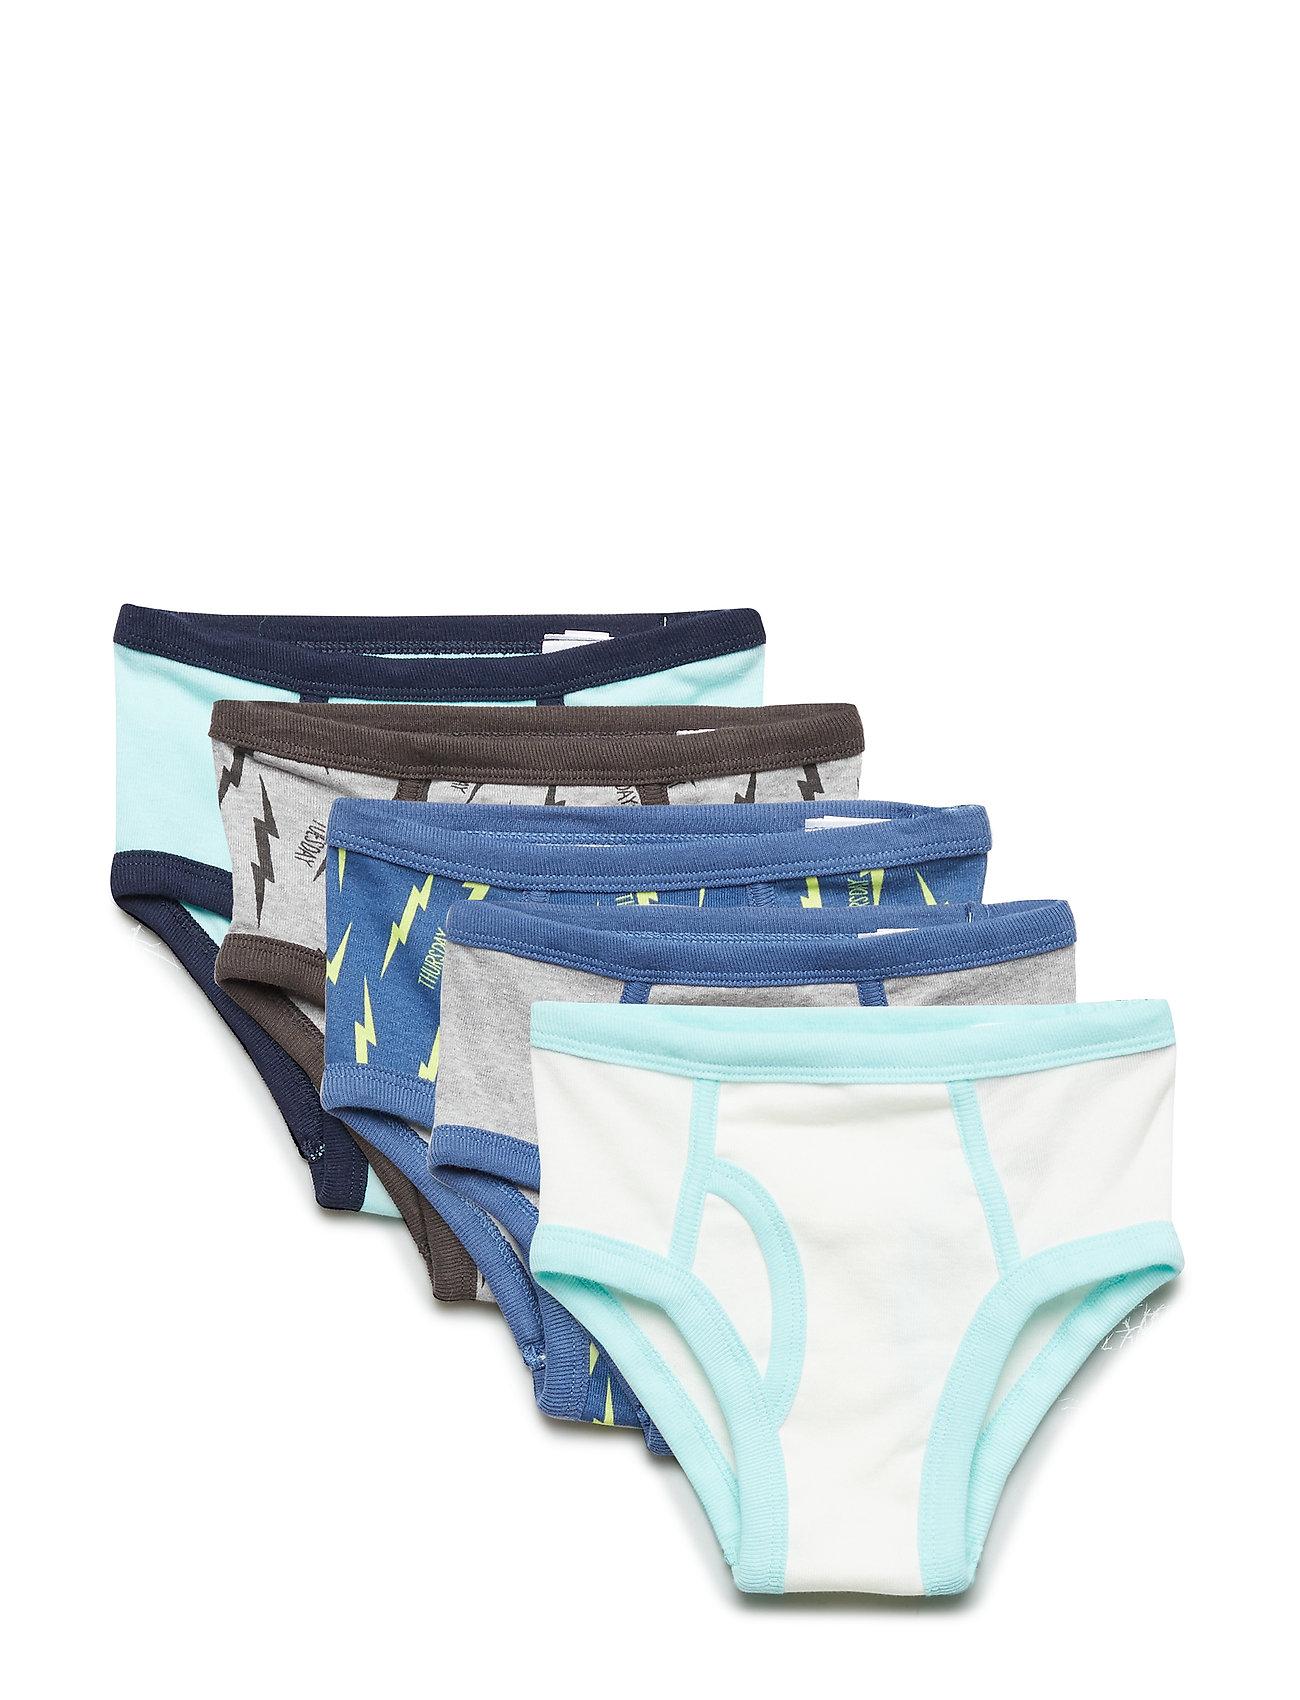 GAP Toddler Dino Days-of-the-Week Bikinis (7-Pack) - MULTI